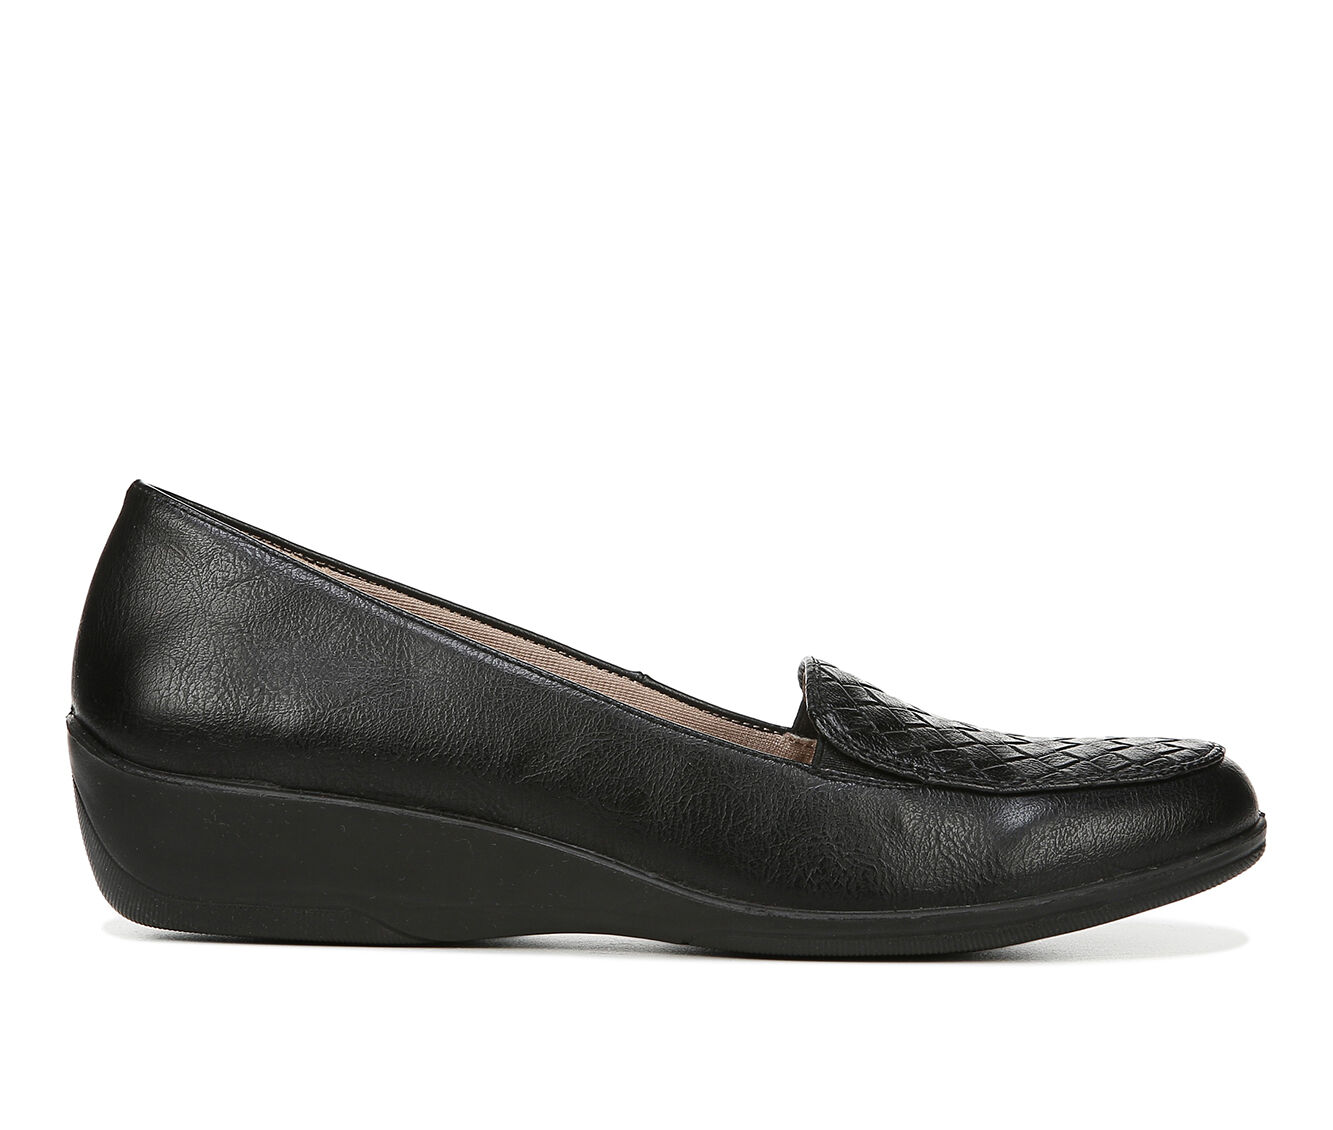 Women's LifeStride Impulse Shoes Black